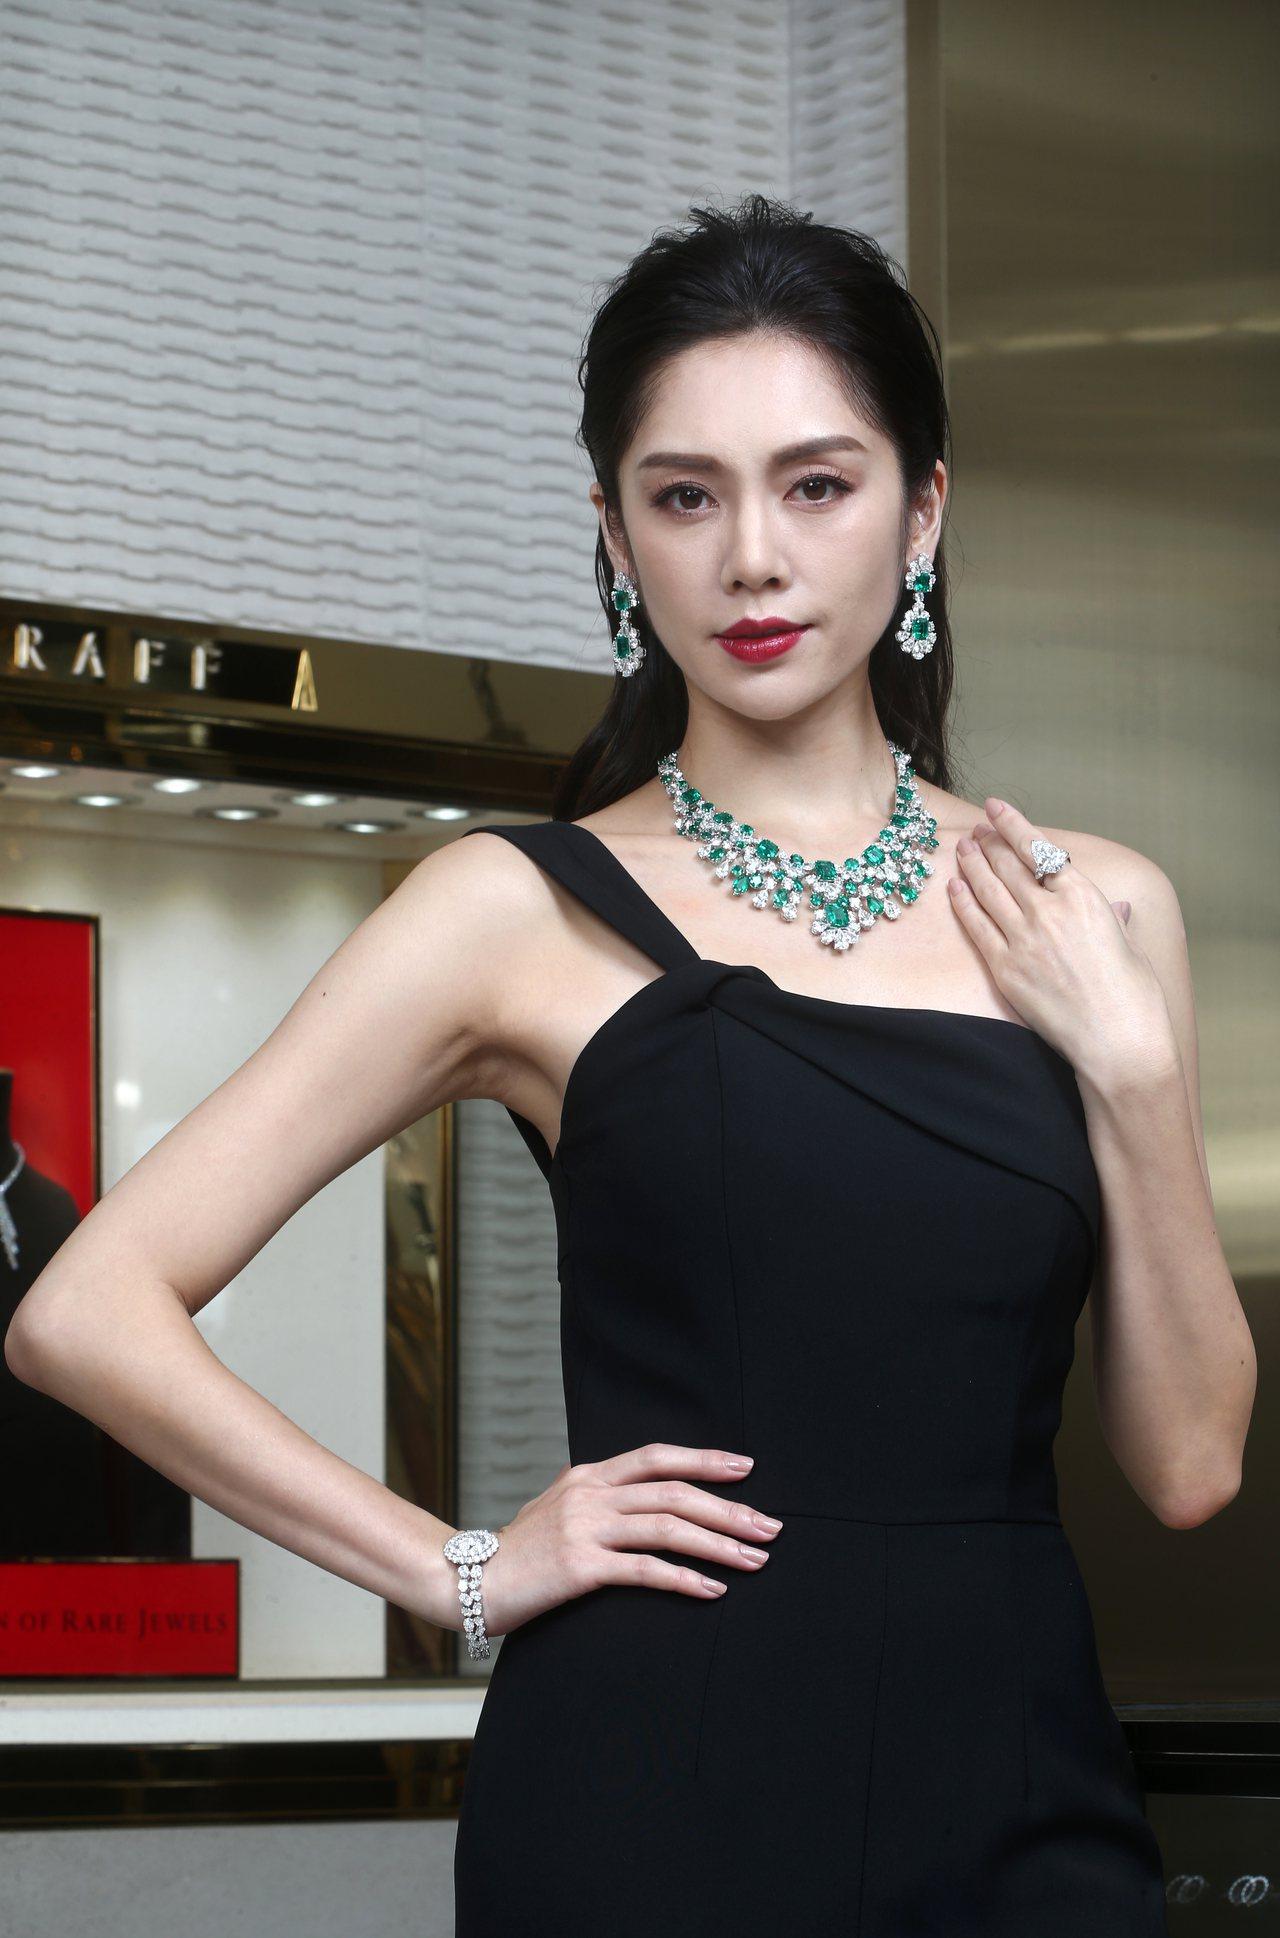 名模展示格拉夫多形切割祖母綠和鑽石項鍊,祖母綠共重82.36克拉、鑽石共重89....